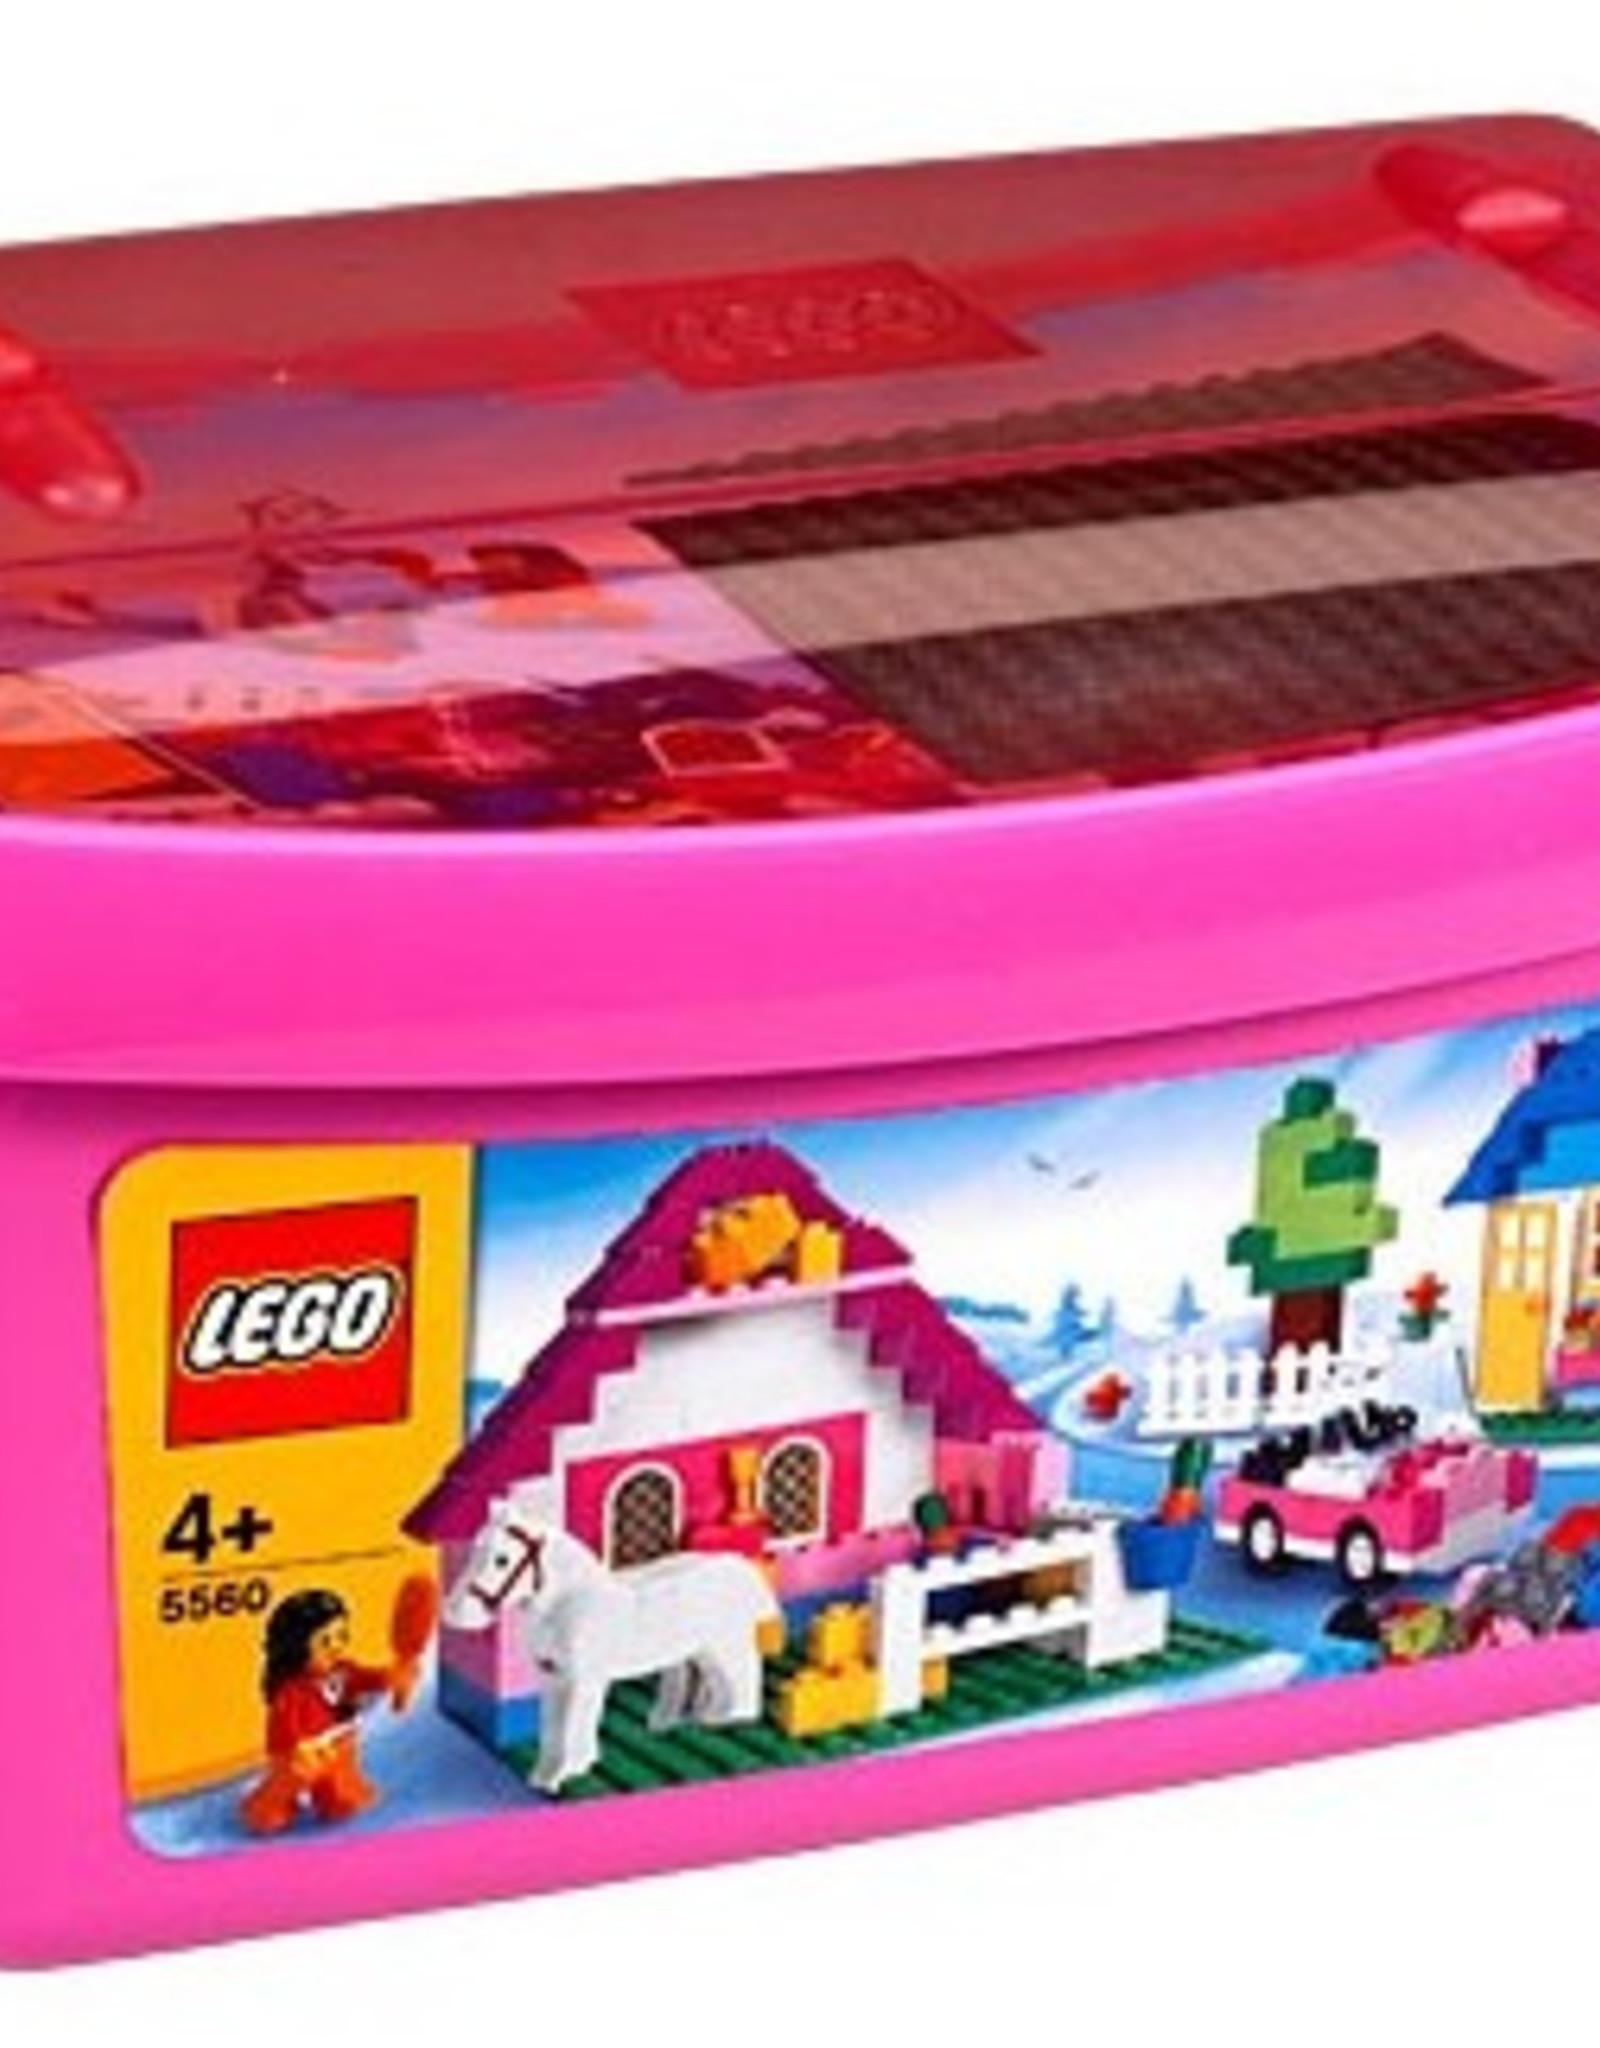 LEGO LEGO 5560 Large Pink Brick Box CREATOR